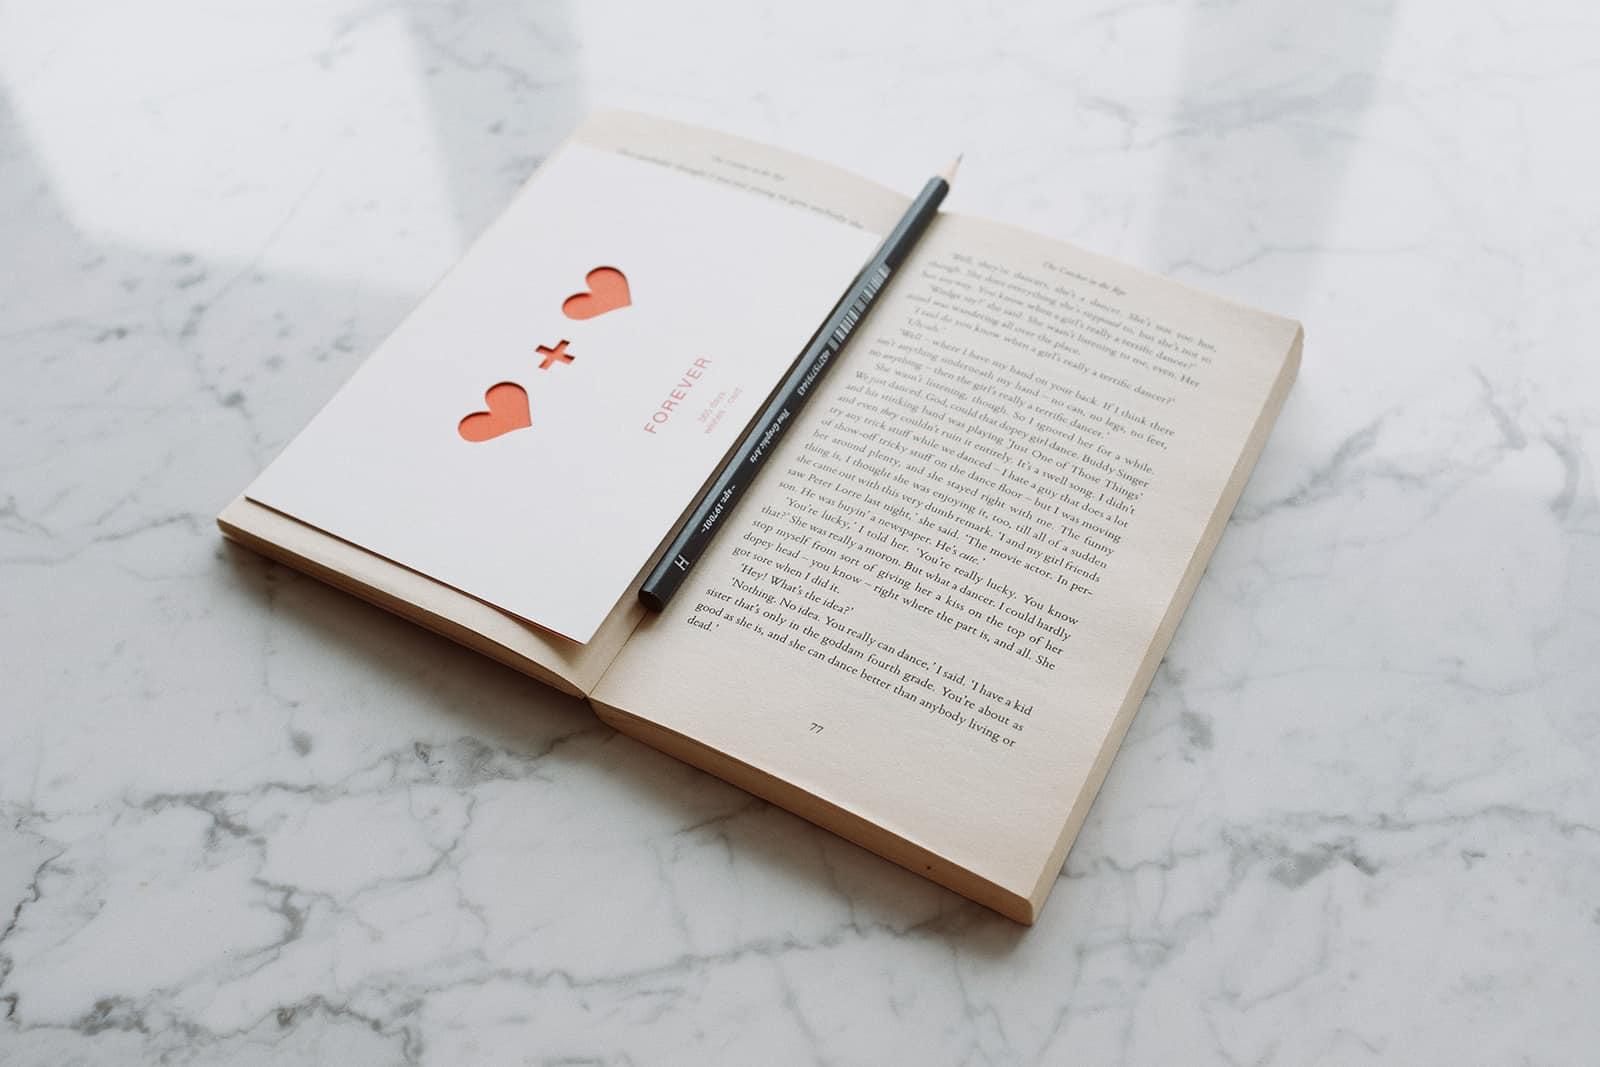 geöffnetes Buch mit Bleistift und Liebespostkarte auf Marmoroberfläche